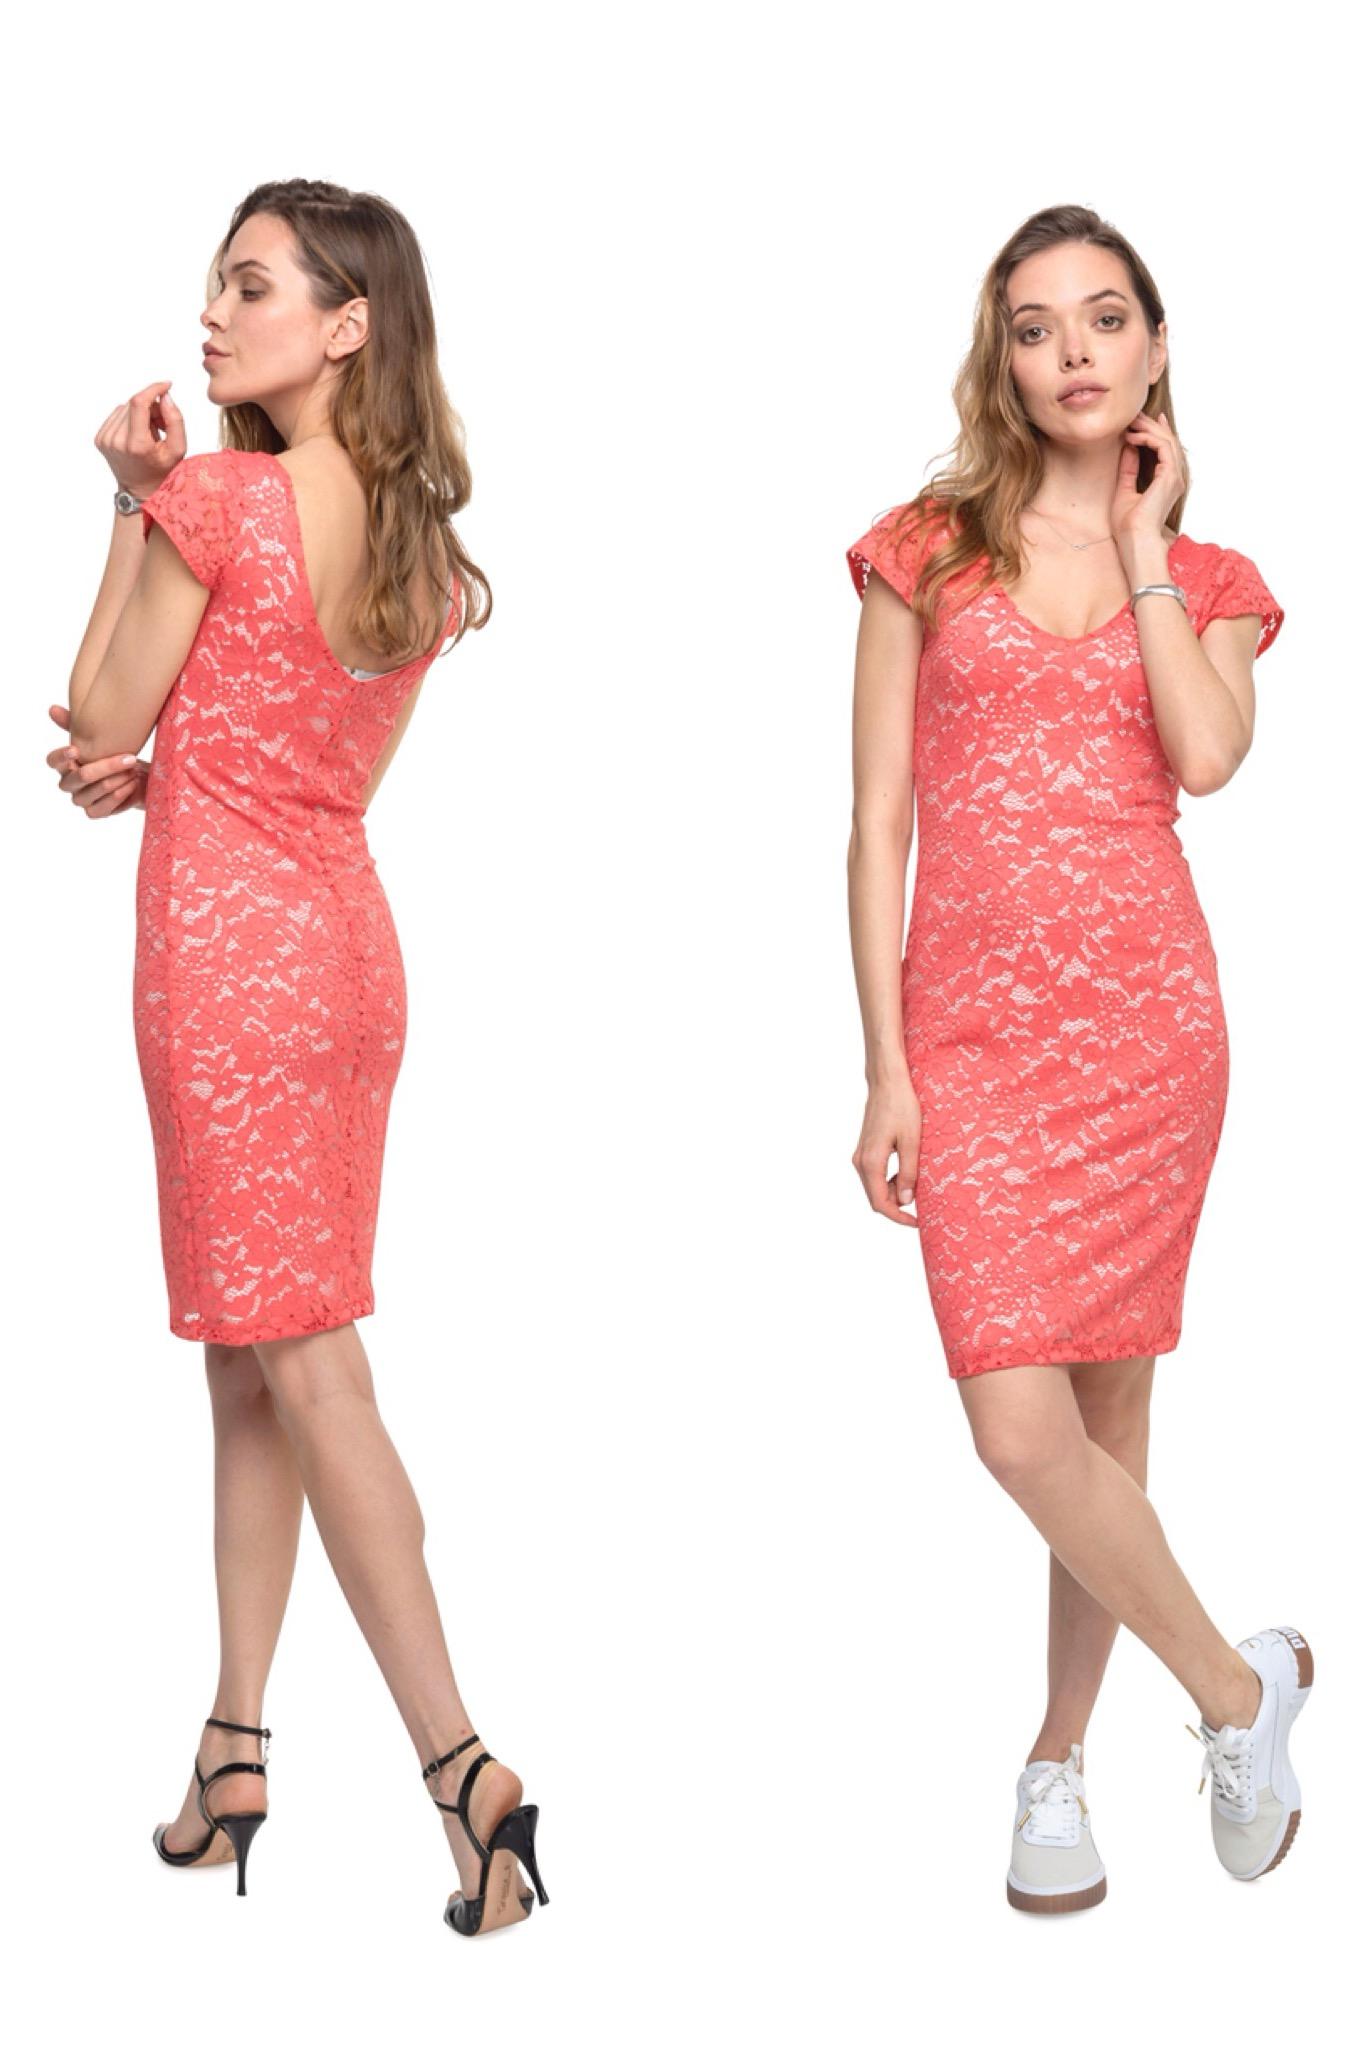 A woman wearing a pinkish Tango dress